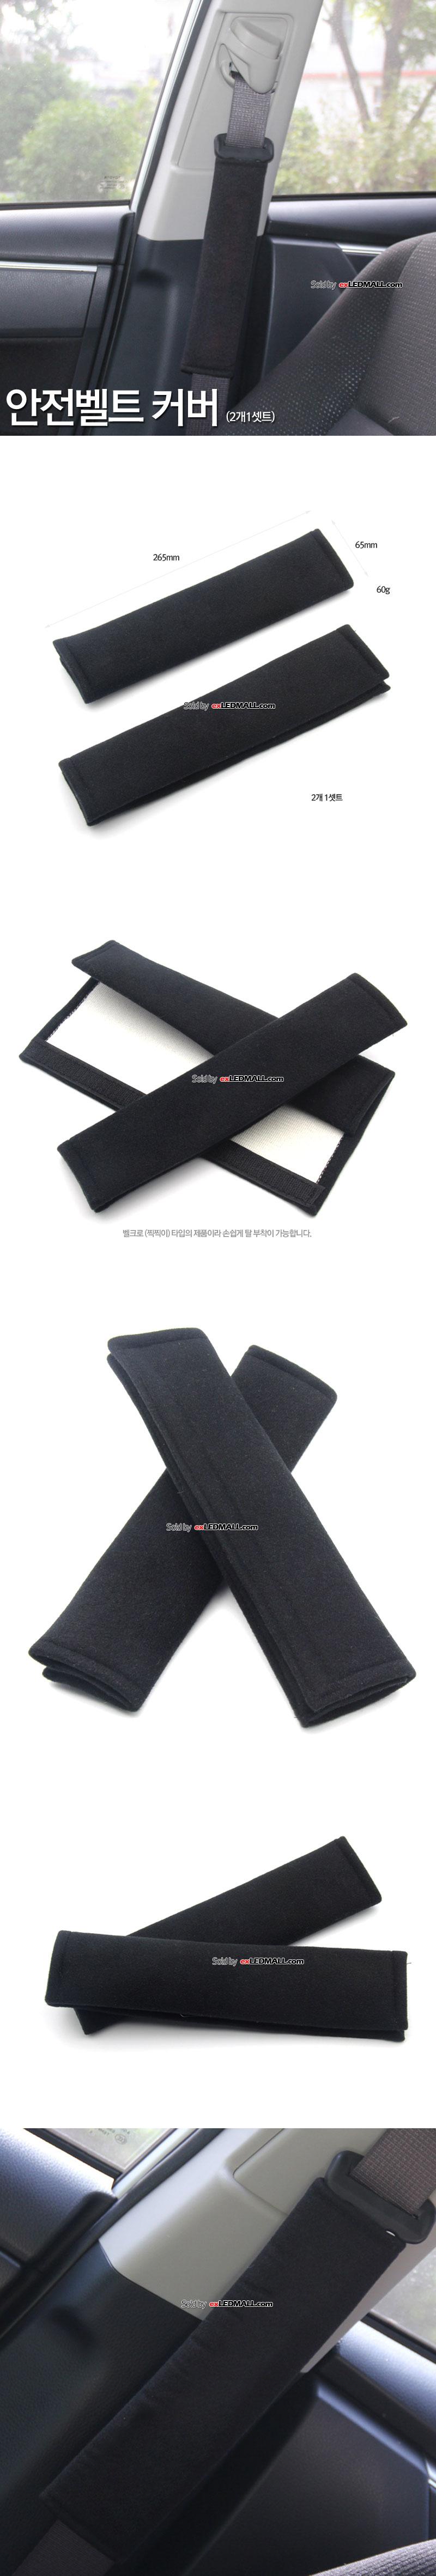 폭신 폭신 안전벨트 커버 (2개 1셋트) 세련된 블랙